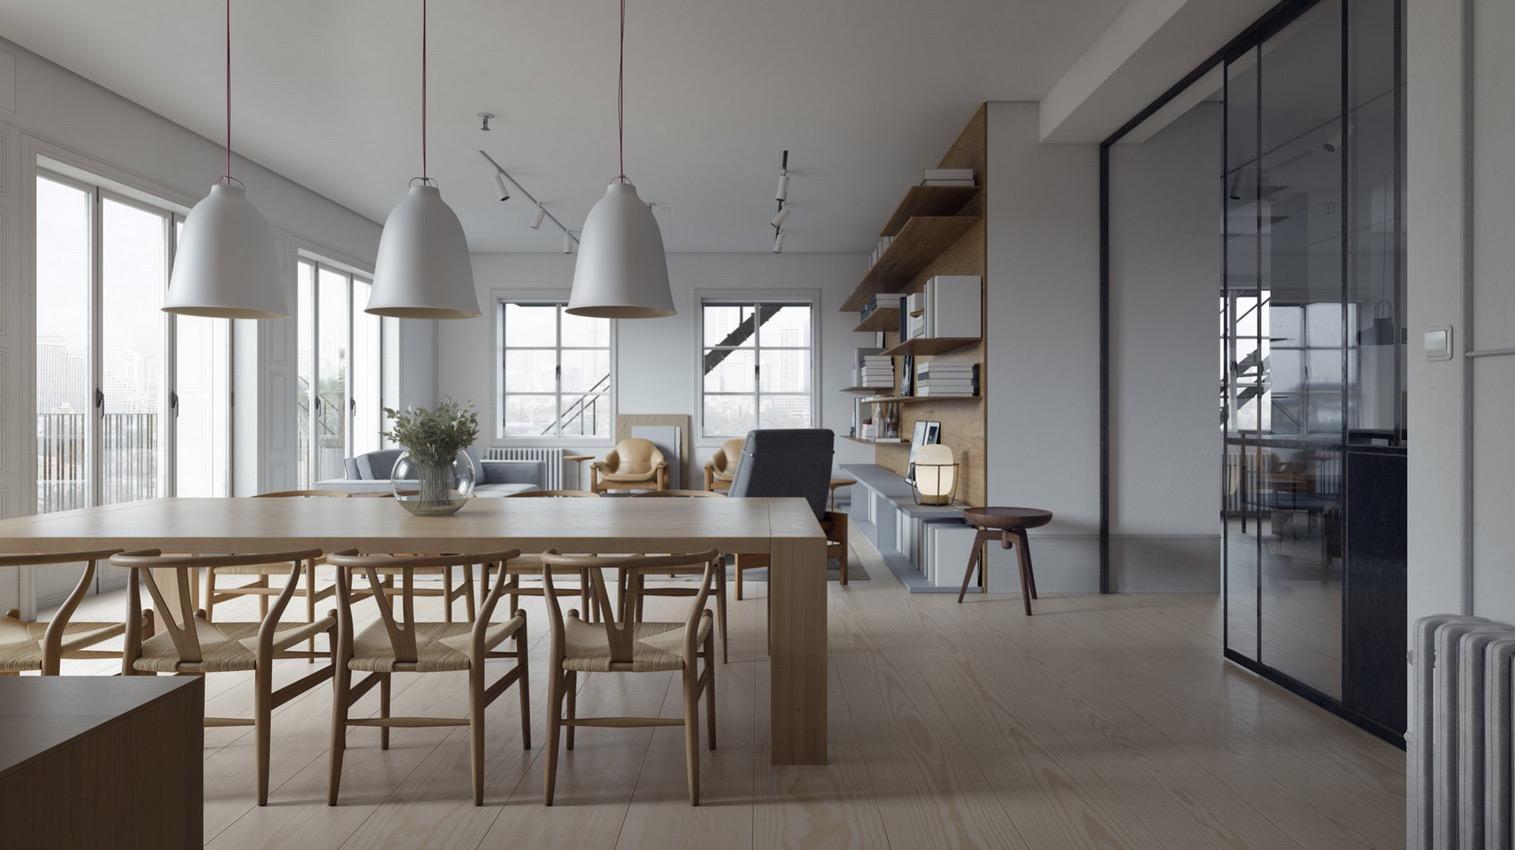 Esszimmermöbel design stilvolle moderne esszimmer möbel moderne esszimmermöbel wird eine